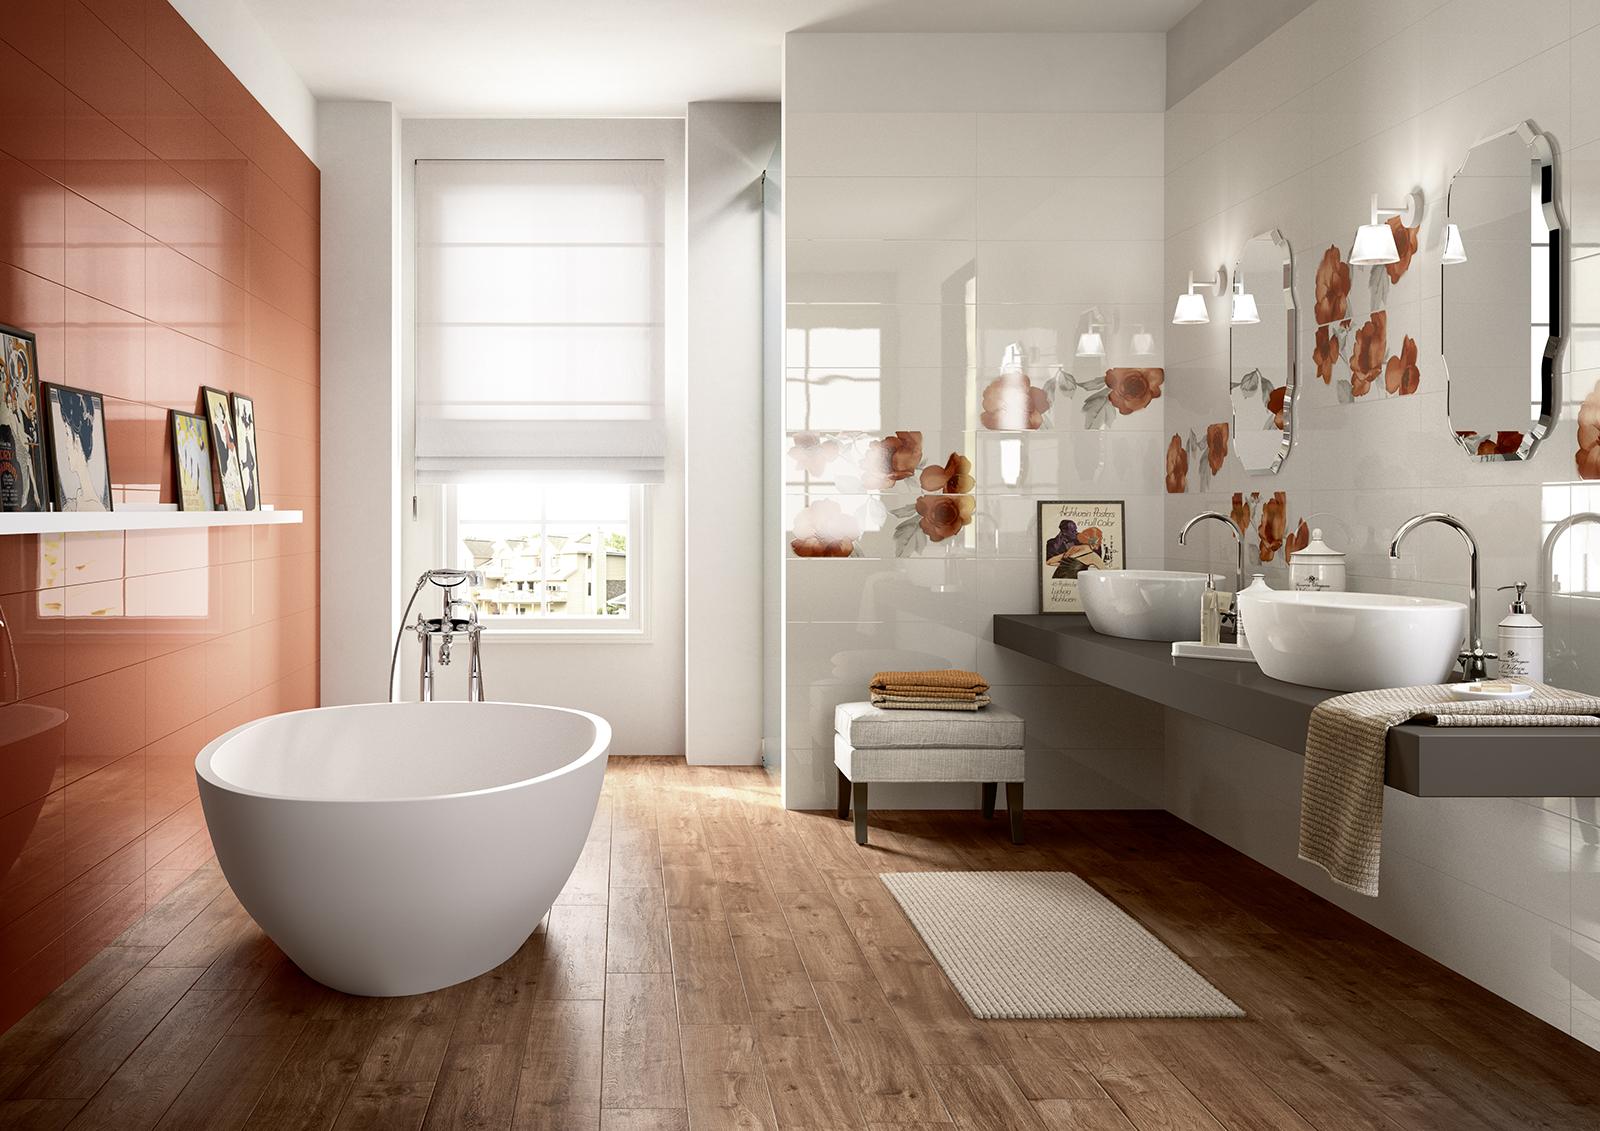 Colourline ceramica lucida rivestimento bagno marazzi for Marazzi bagno